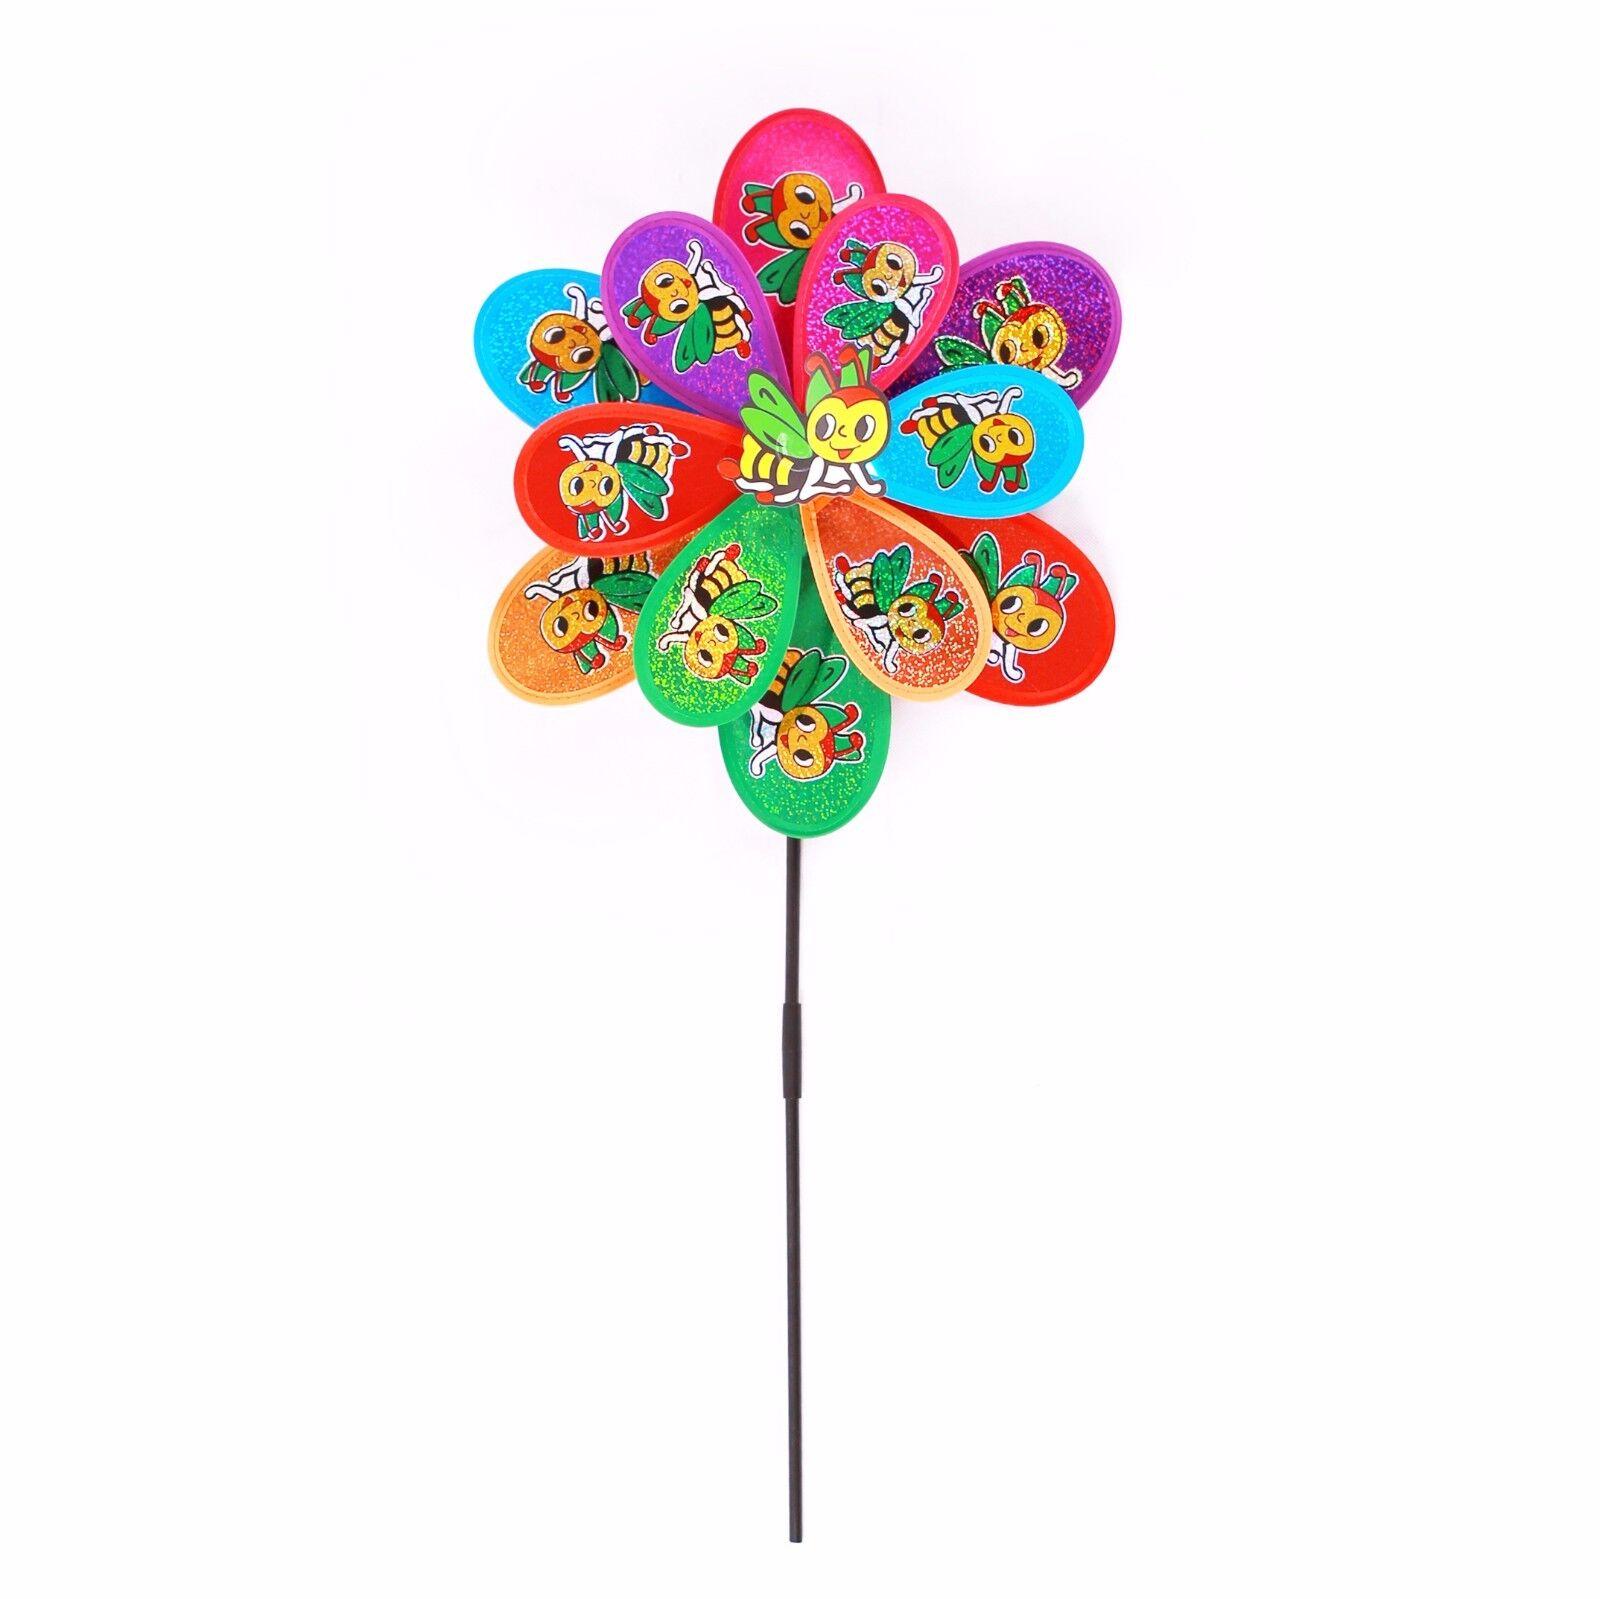 Windrad Blume Windmühle Deko Dekoration Kinder Frühling Garten Gartendekoration